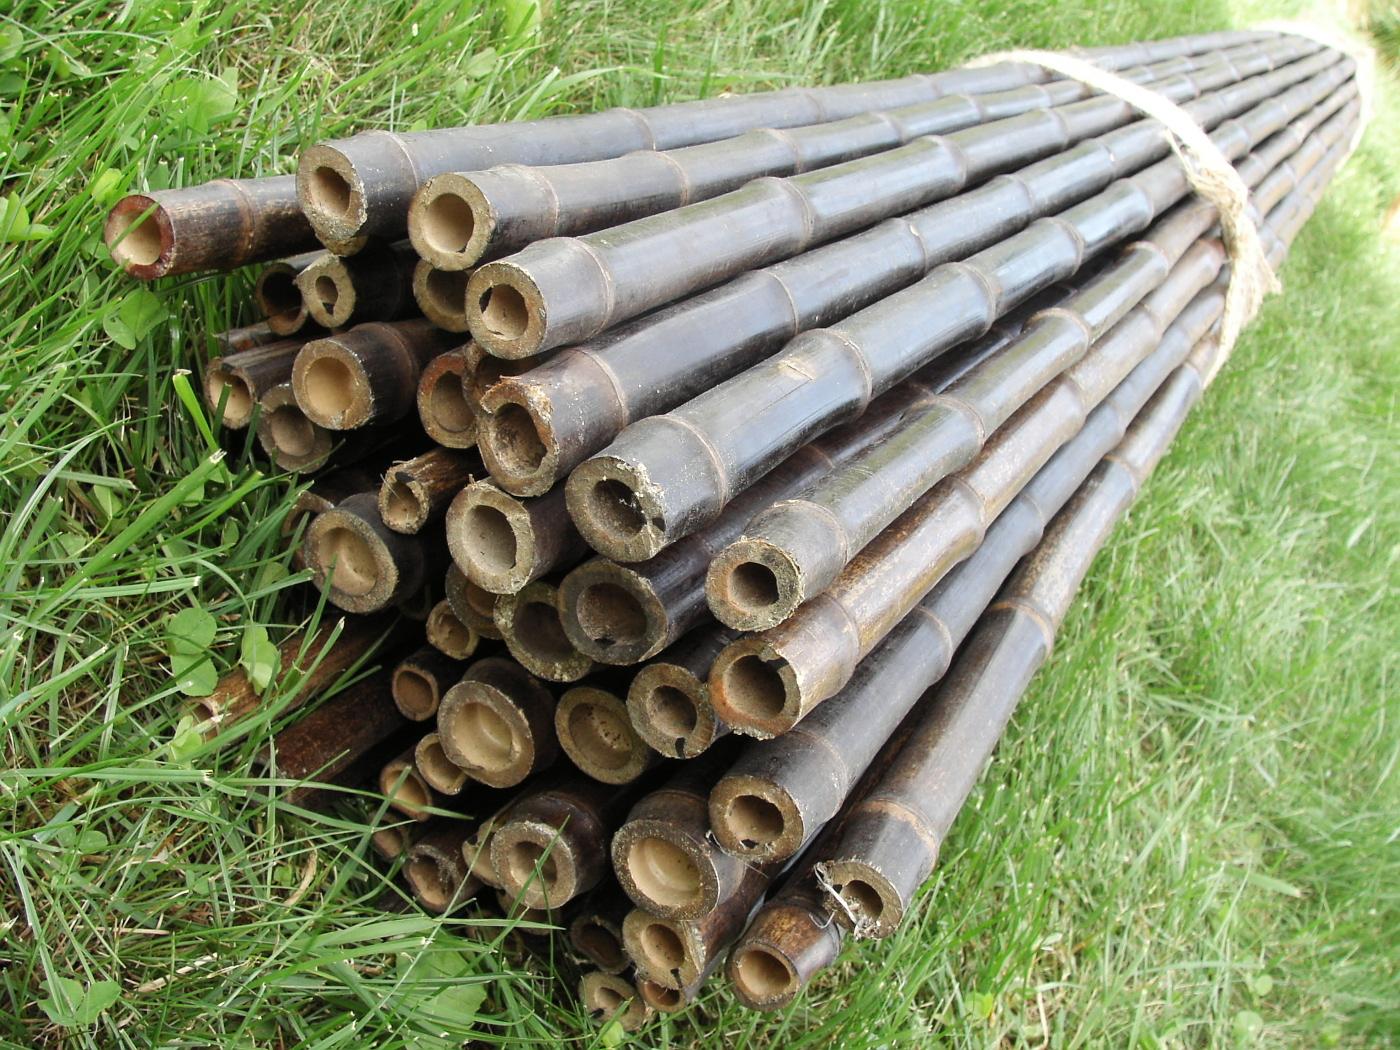 Kokos oferta bambuspf hle und andere artikel - Bambusrohre deko ...